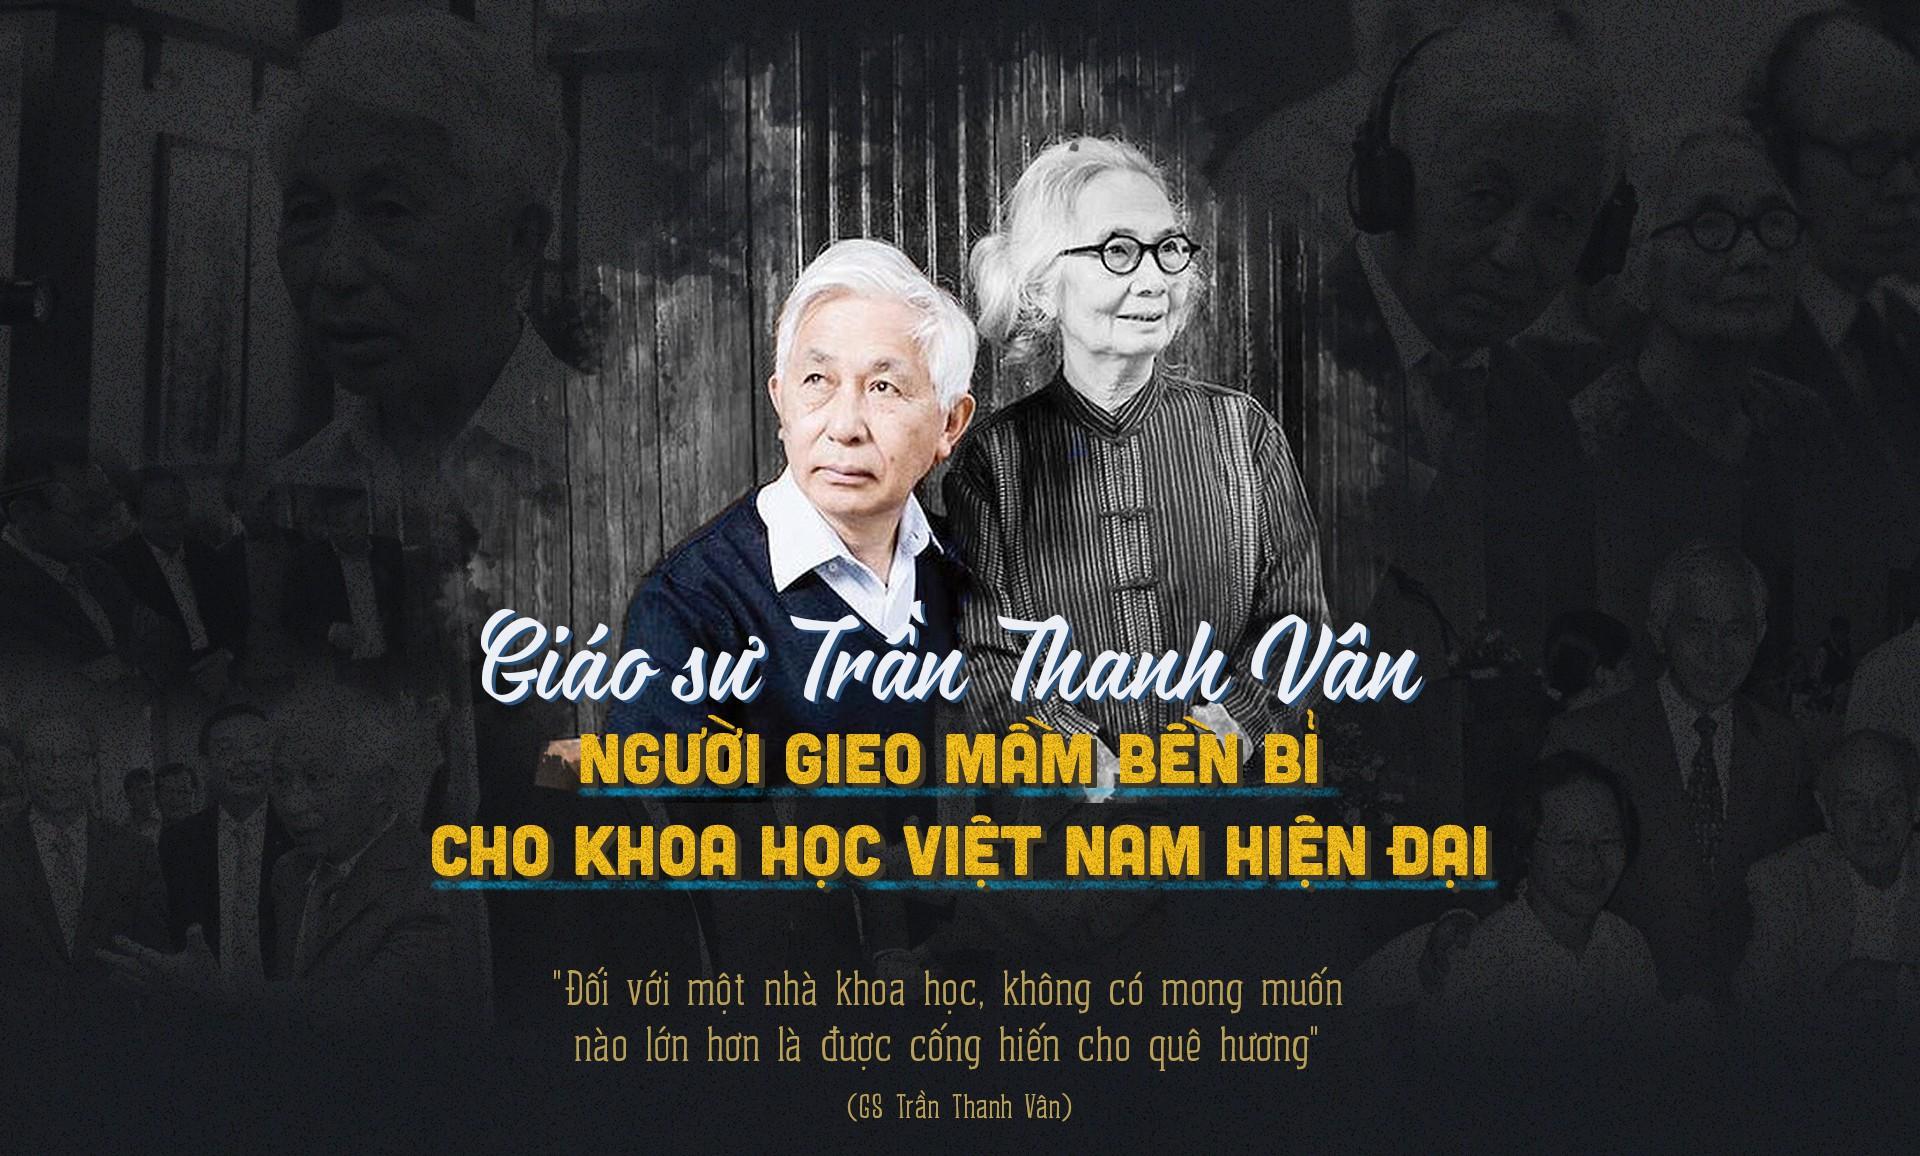 Dành hết tài sản về Việt Nam, giáo sư Pháp nhận được lời hứa cuội